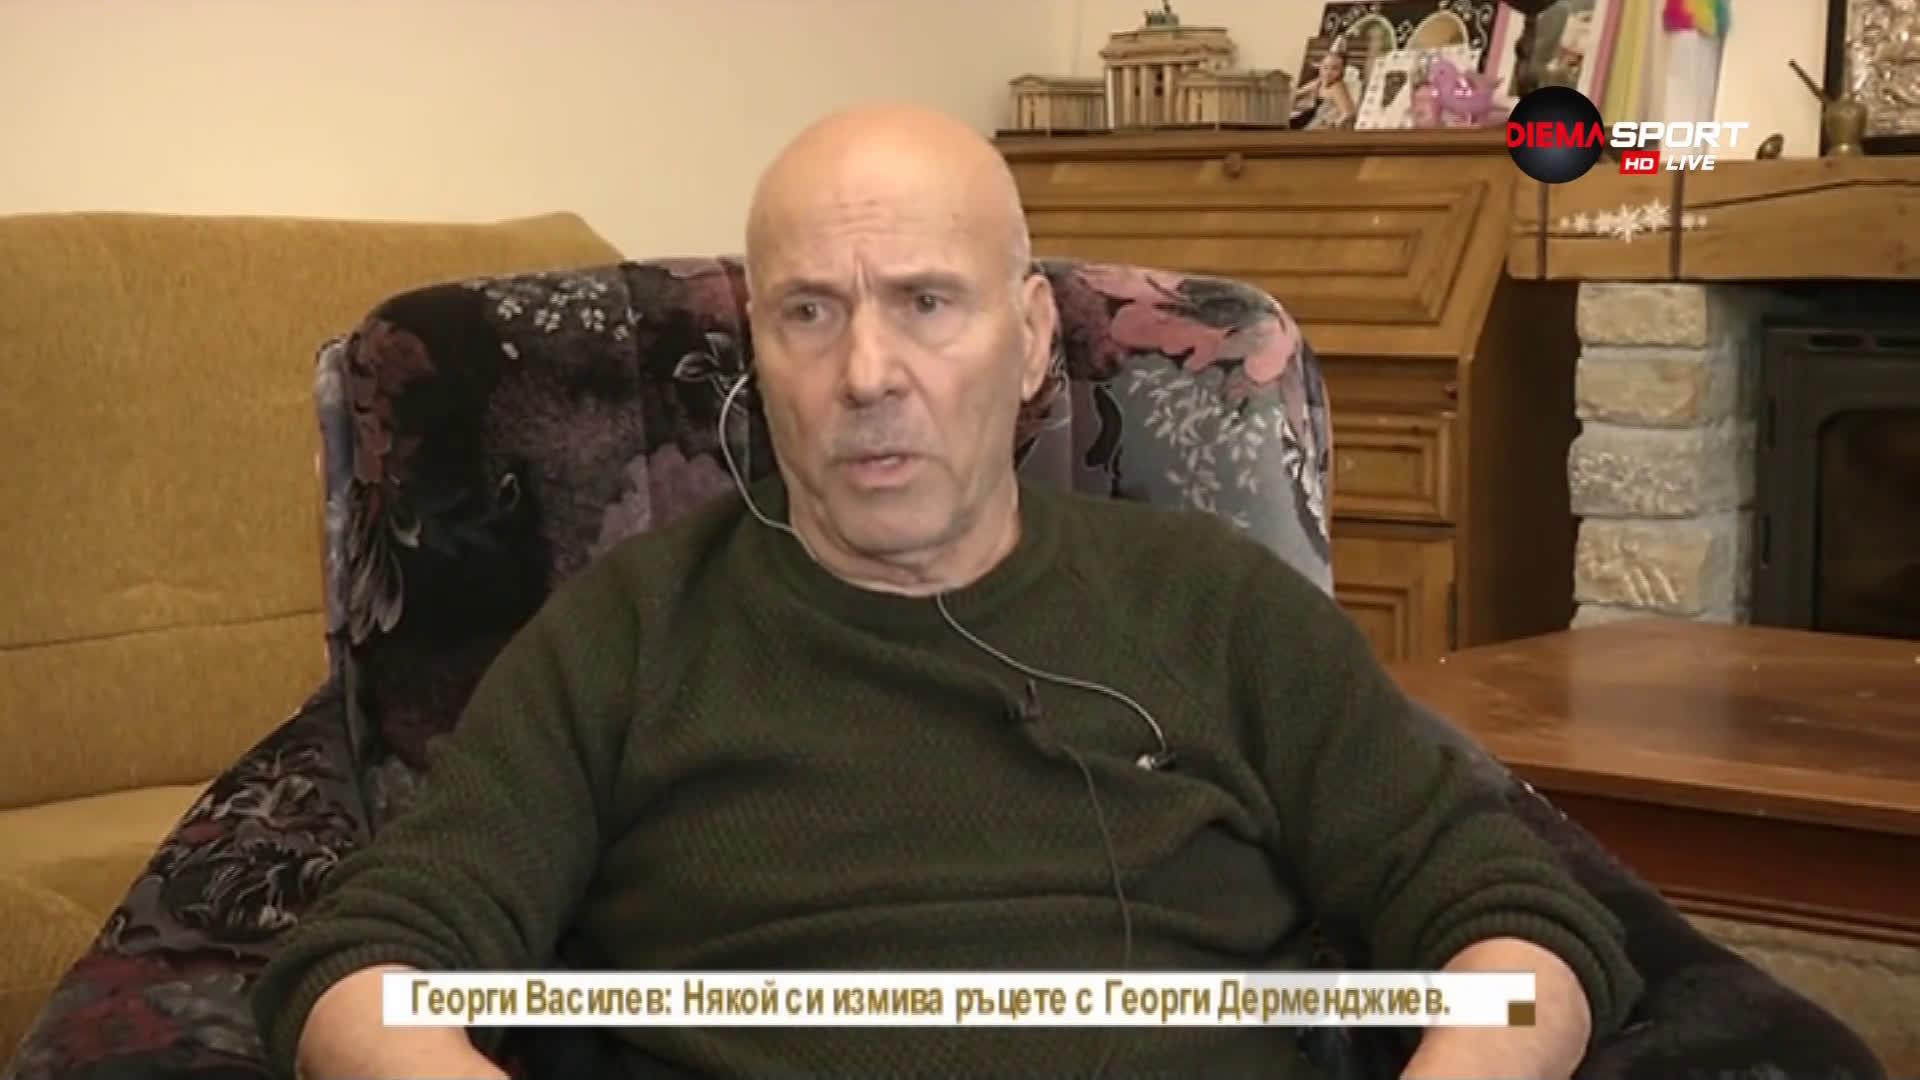 Георги Василев: Някои в Левски си измиха ръцете с Дерменджиев